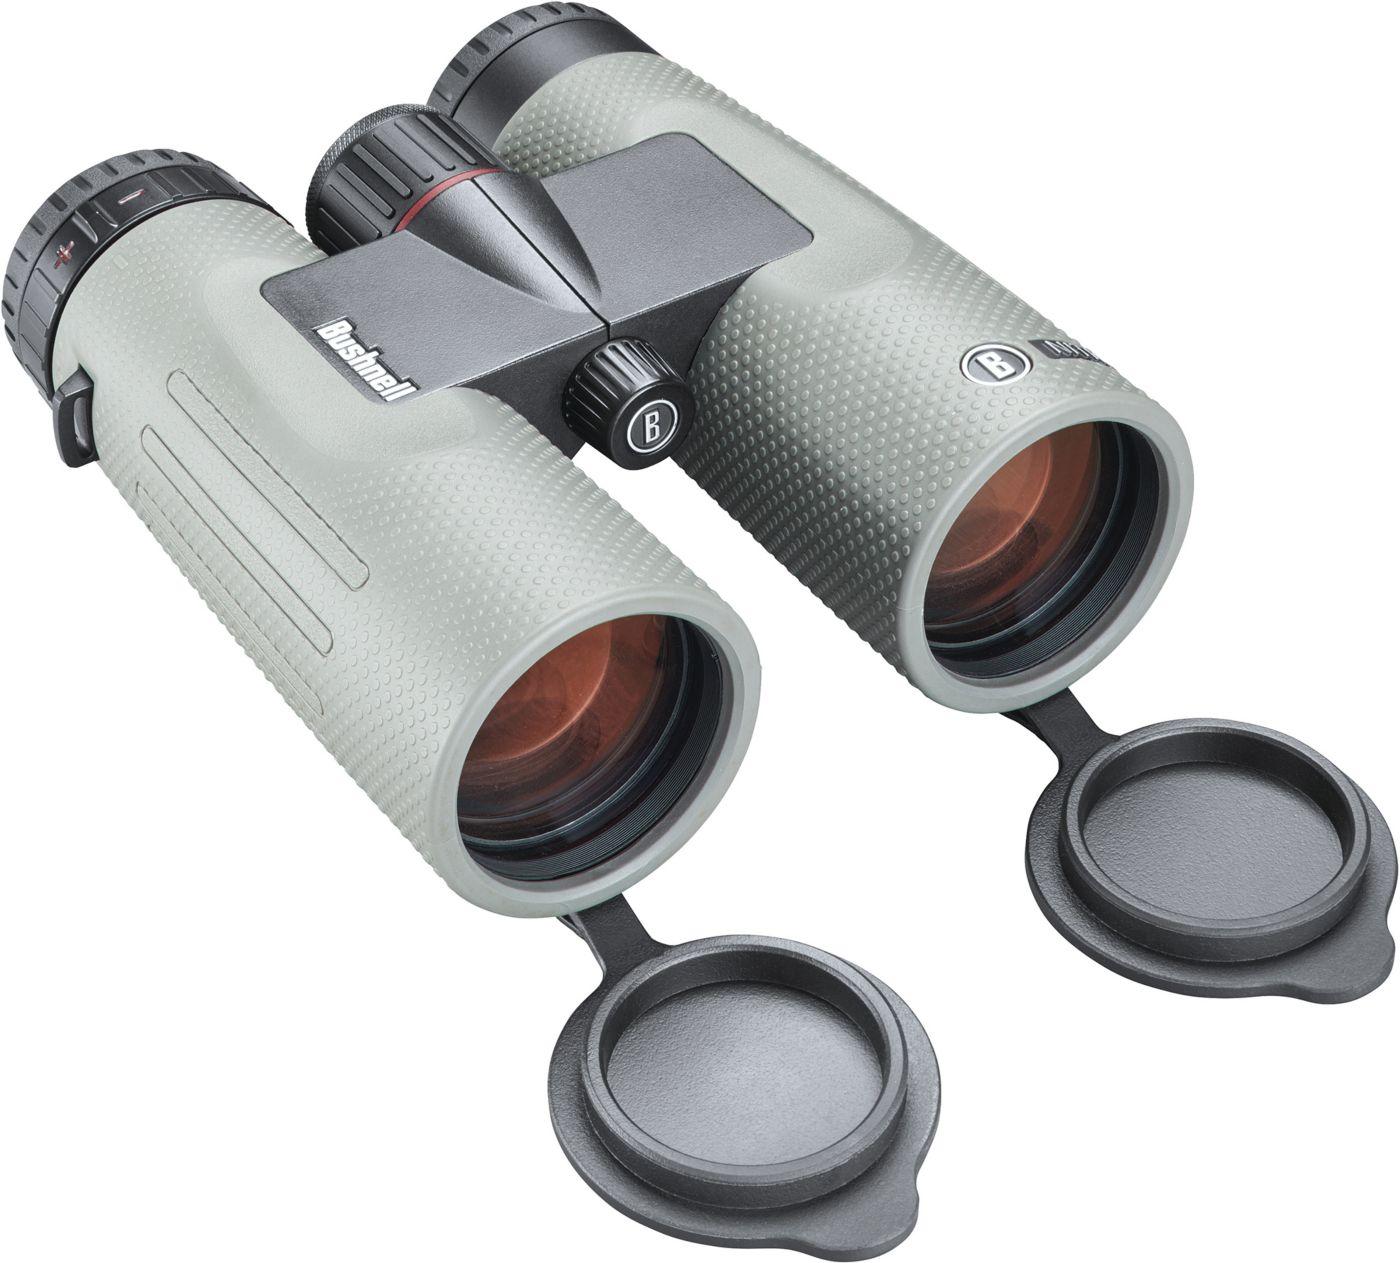 Bushnell Nitro 10x42 Binoculars